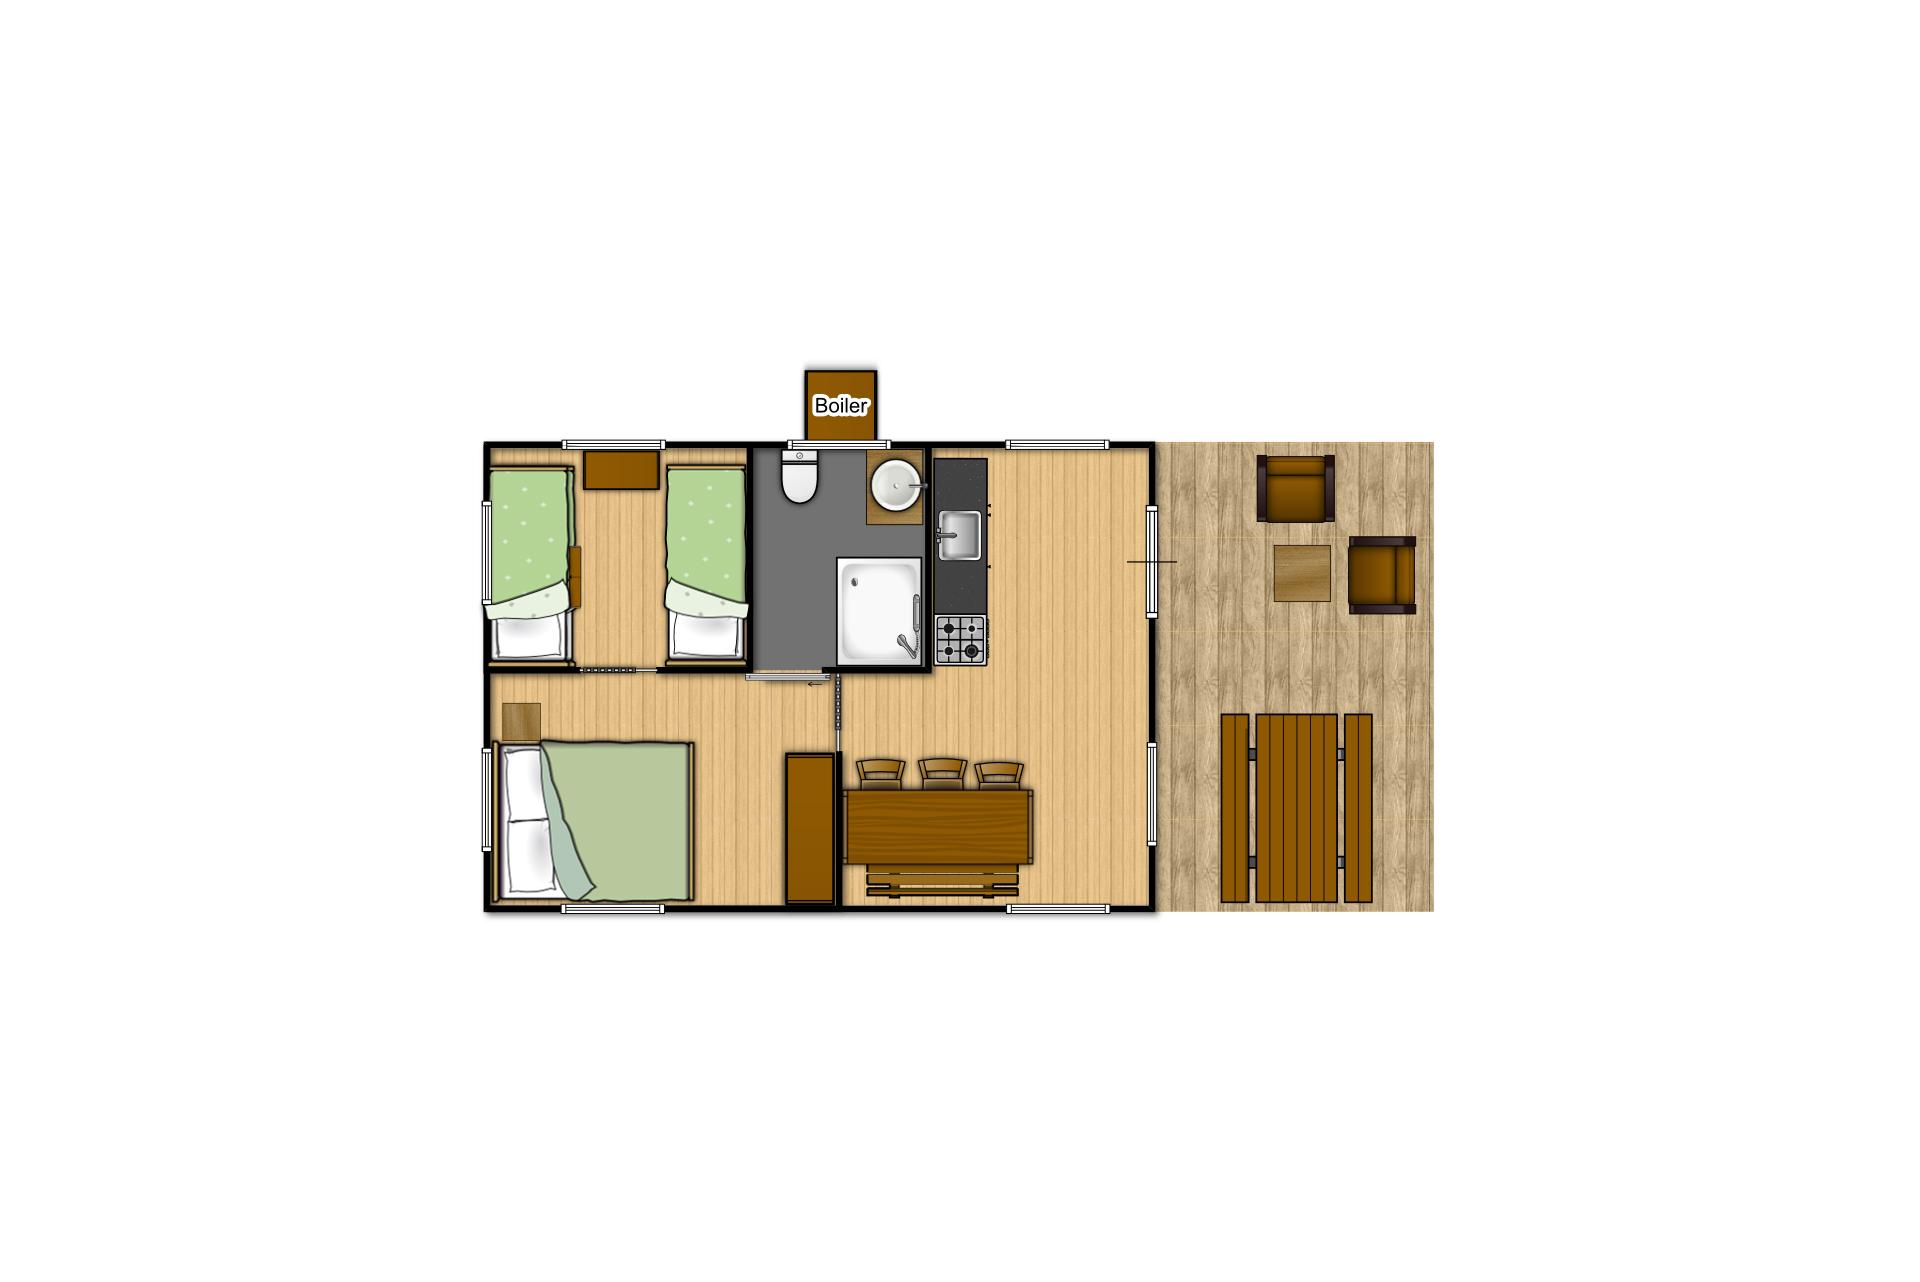 Plan détaillé mobil-home aménagé